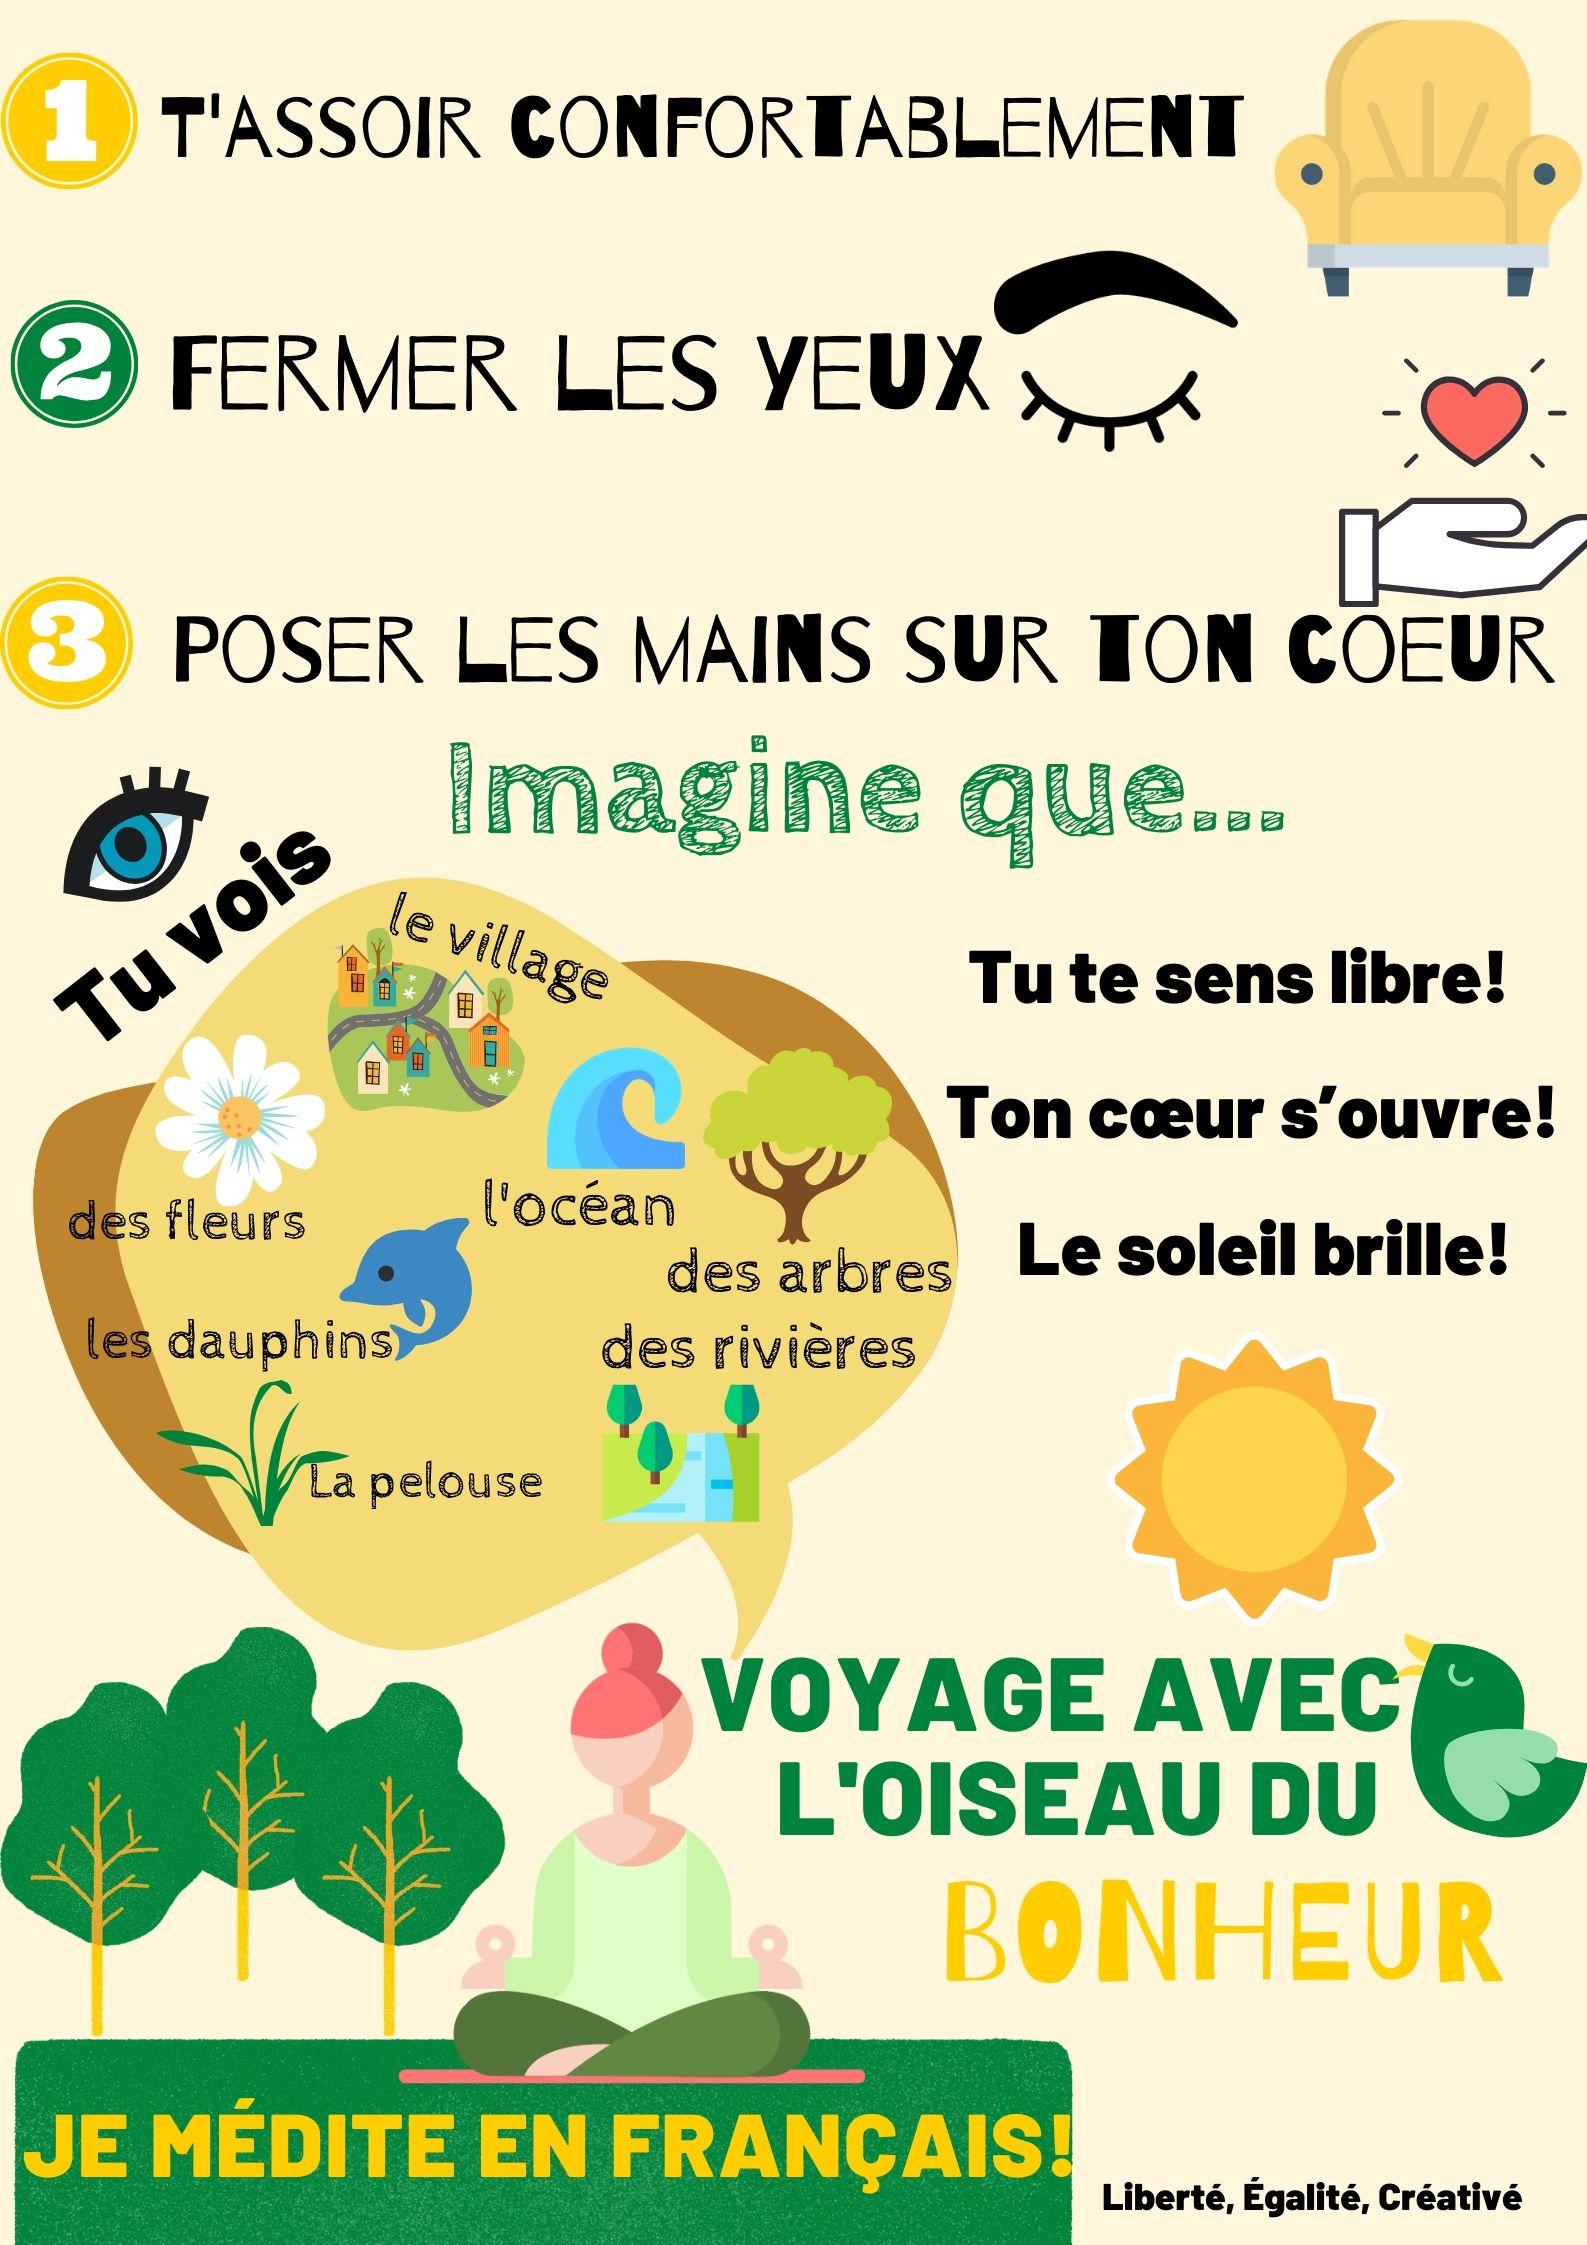 je médite en français!